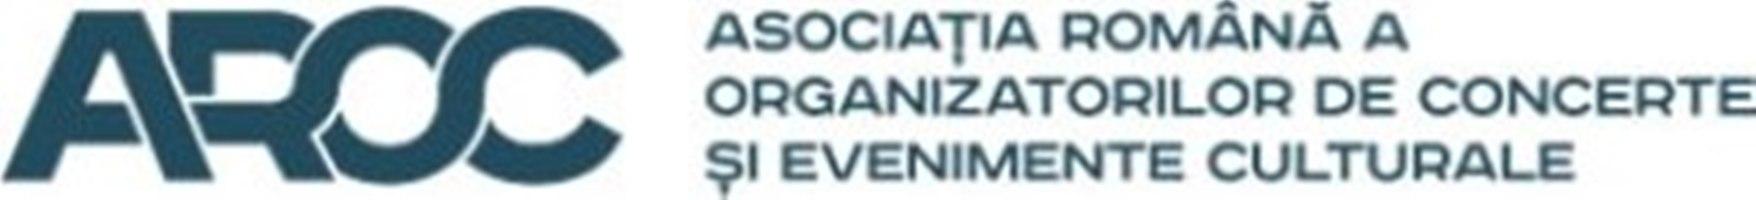 Comunicat de presa COVID-19 | Asociatia Romana a Organizatorilor de Concerte si Evenimente Culturale